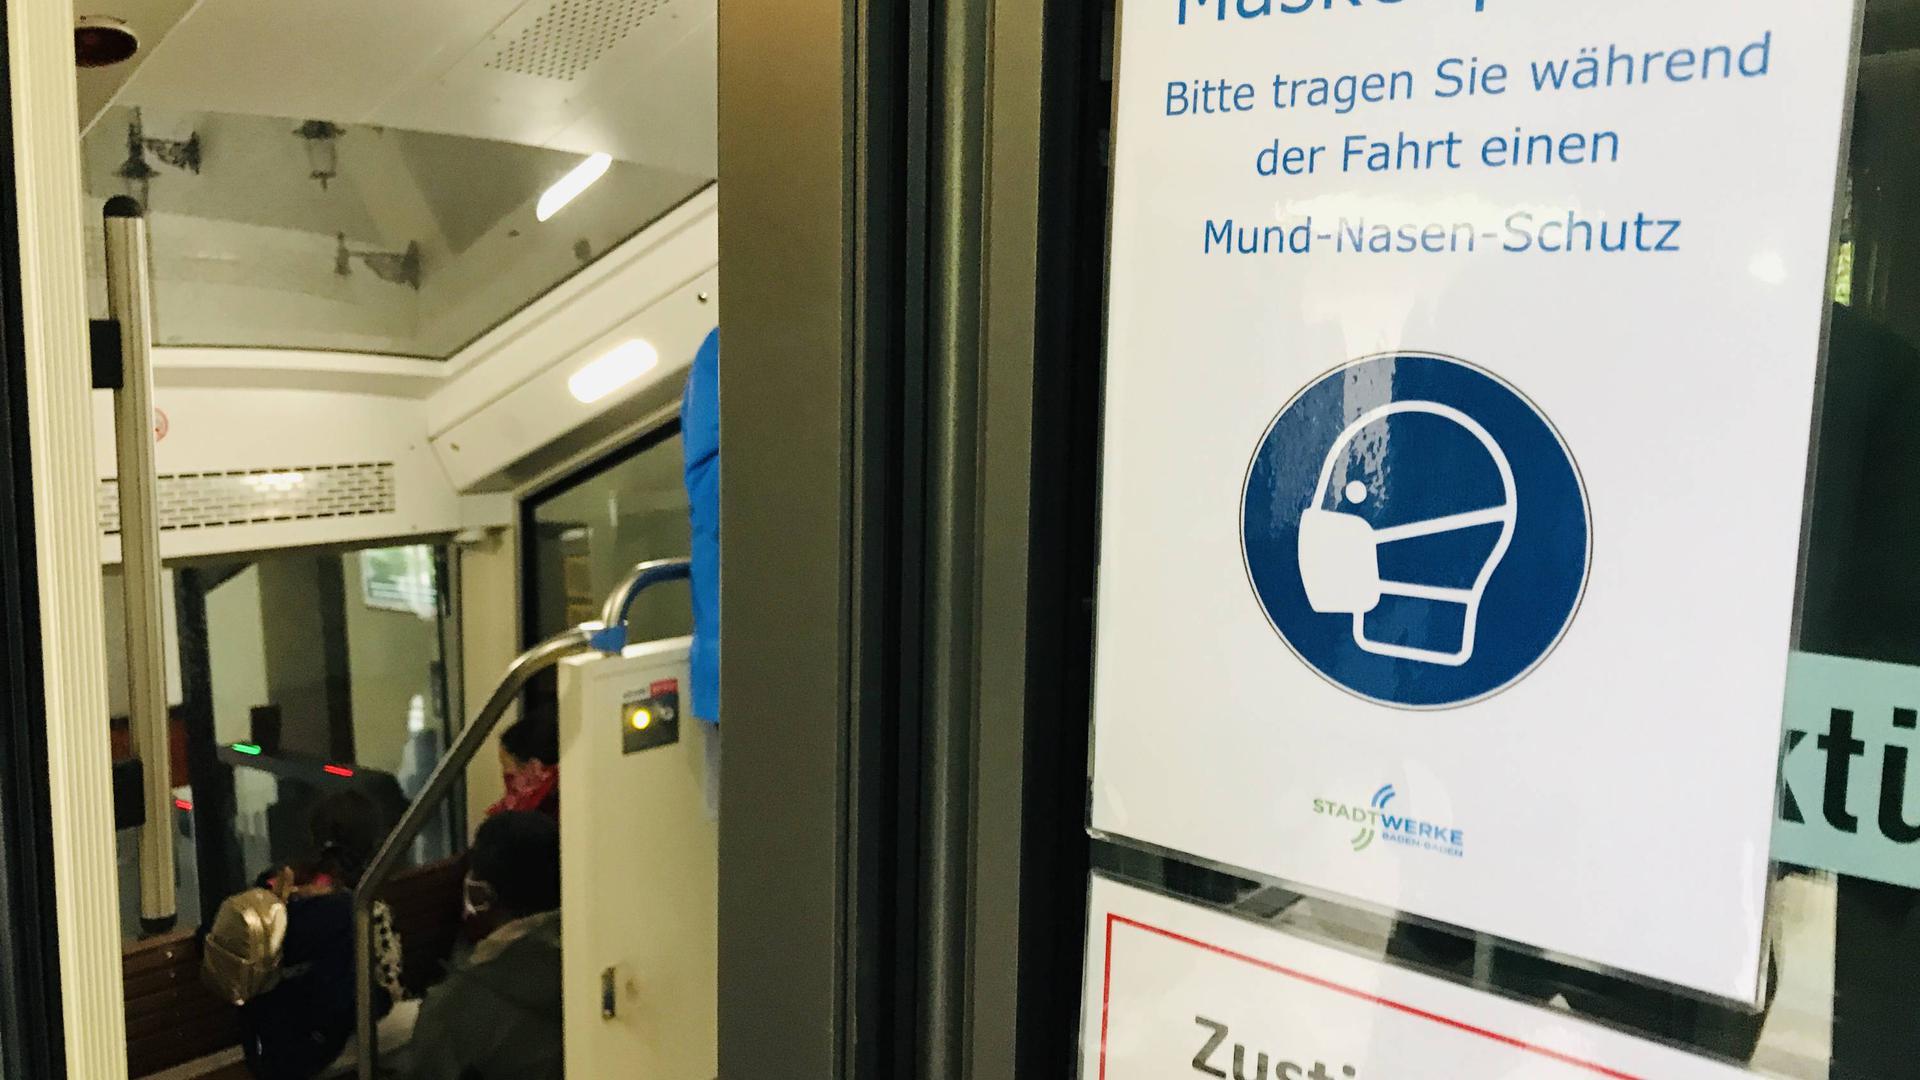 An einem Wagen der Merkurbergbahn wird auf die Masenpflicht hingewiesen.